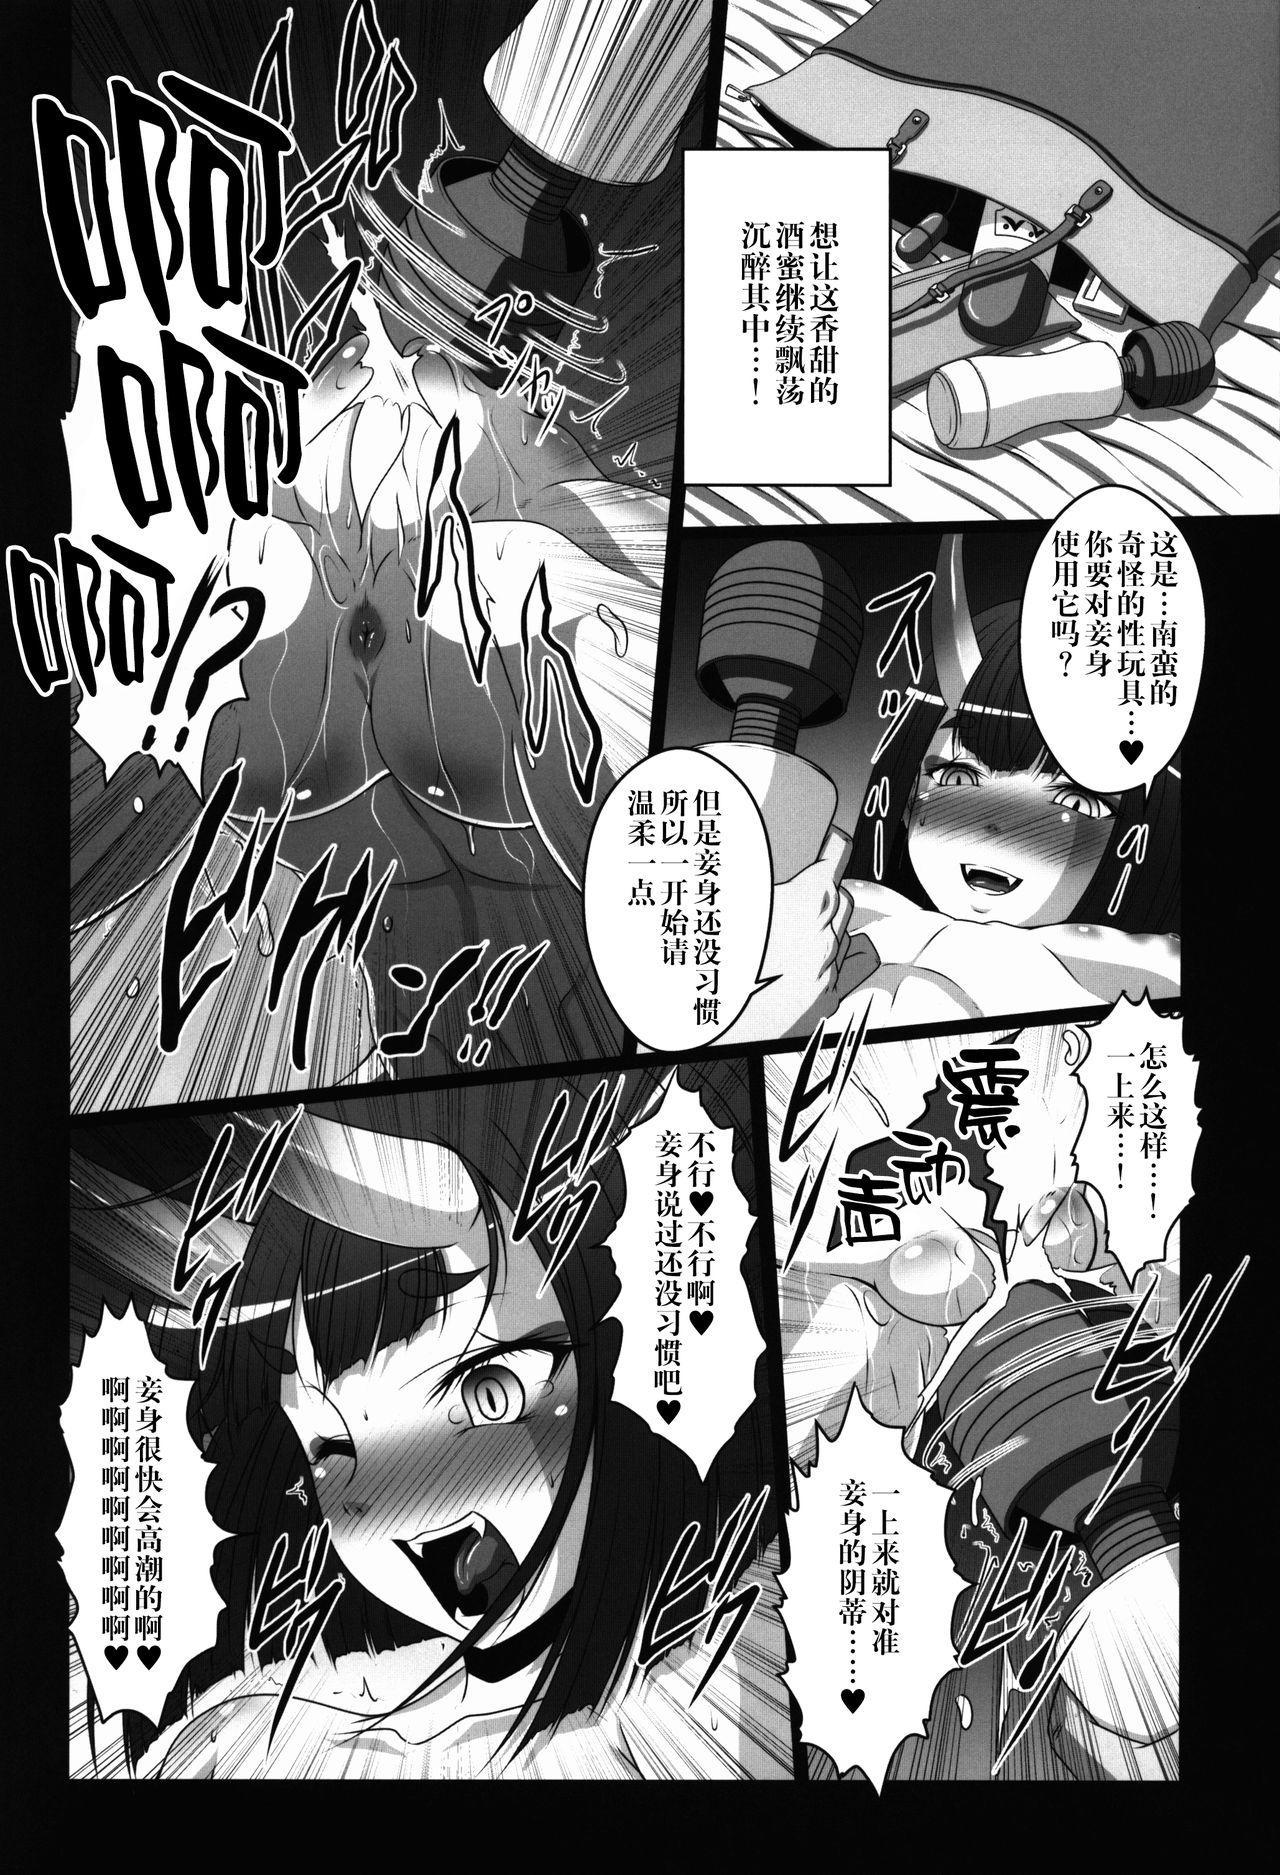 HOBBY'S BLOCK!! 26 Shuten DeliHeal Hon Shuten Yuujo Shunga Emaki 15